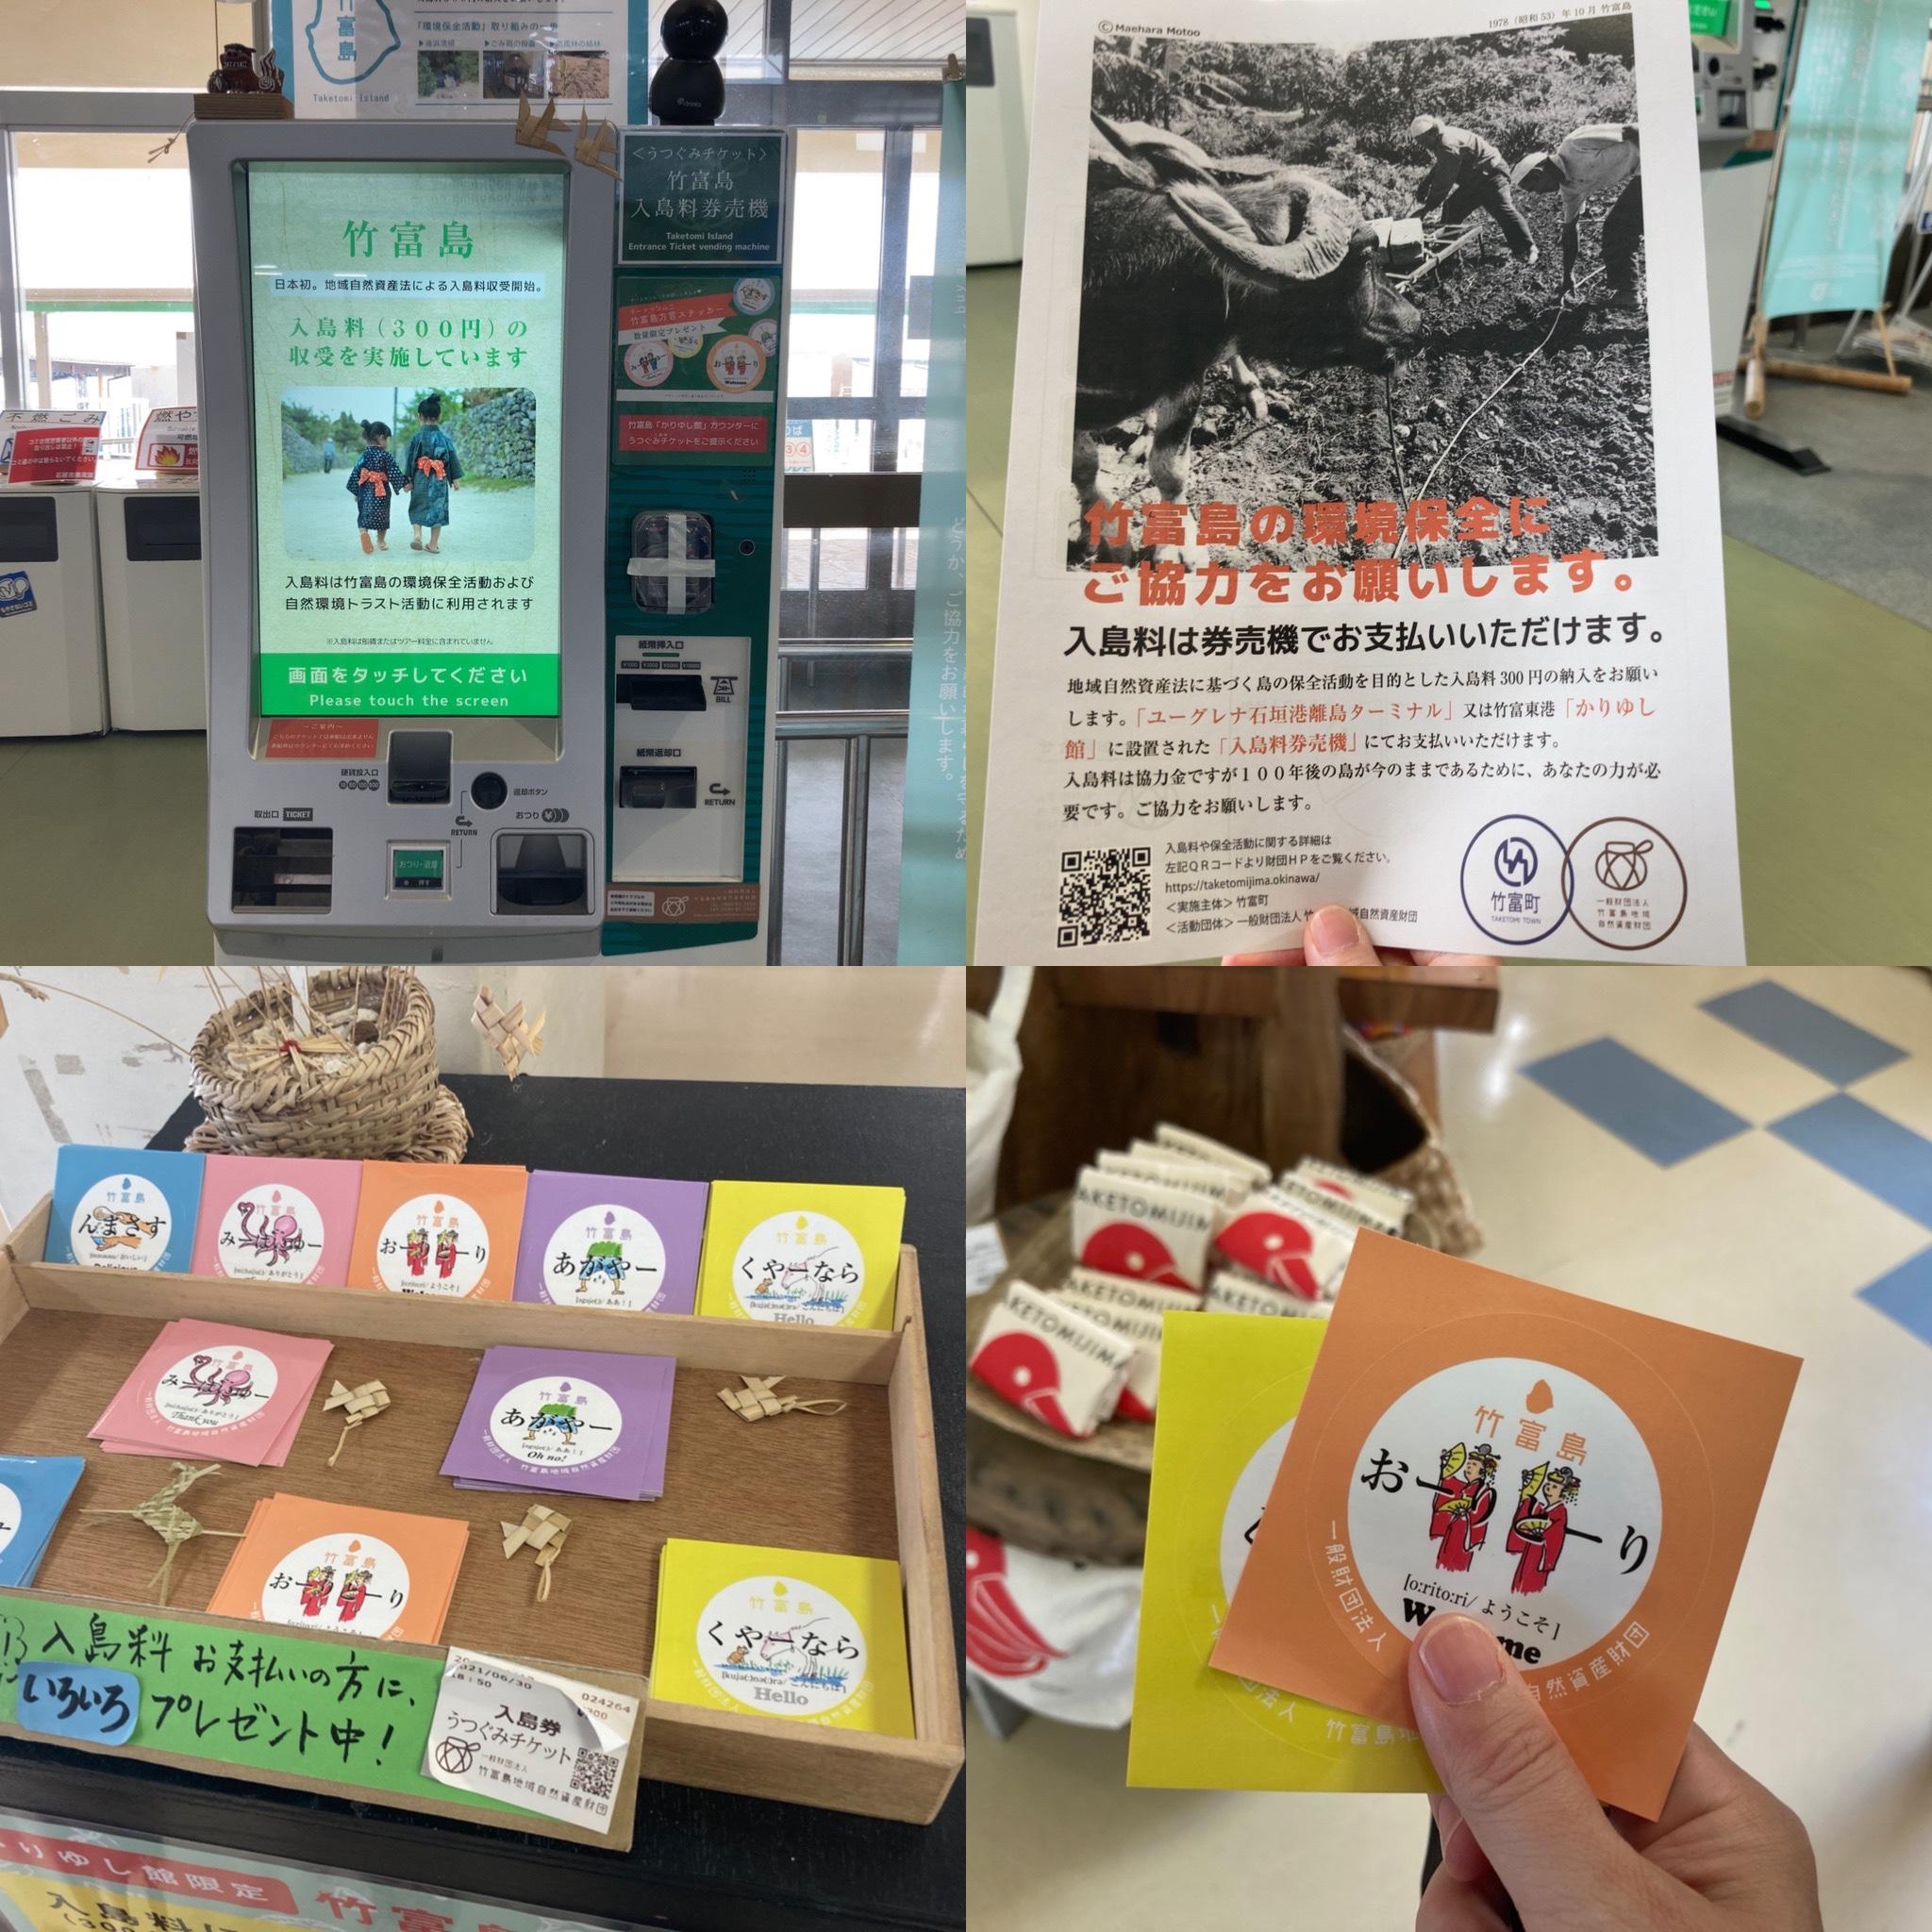 竹富島入島料のチケットの写真